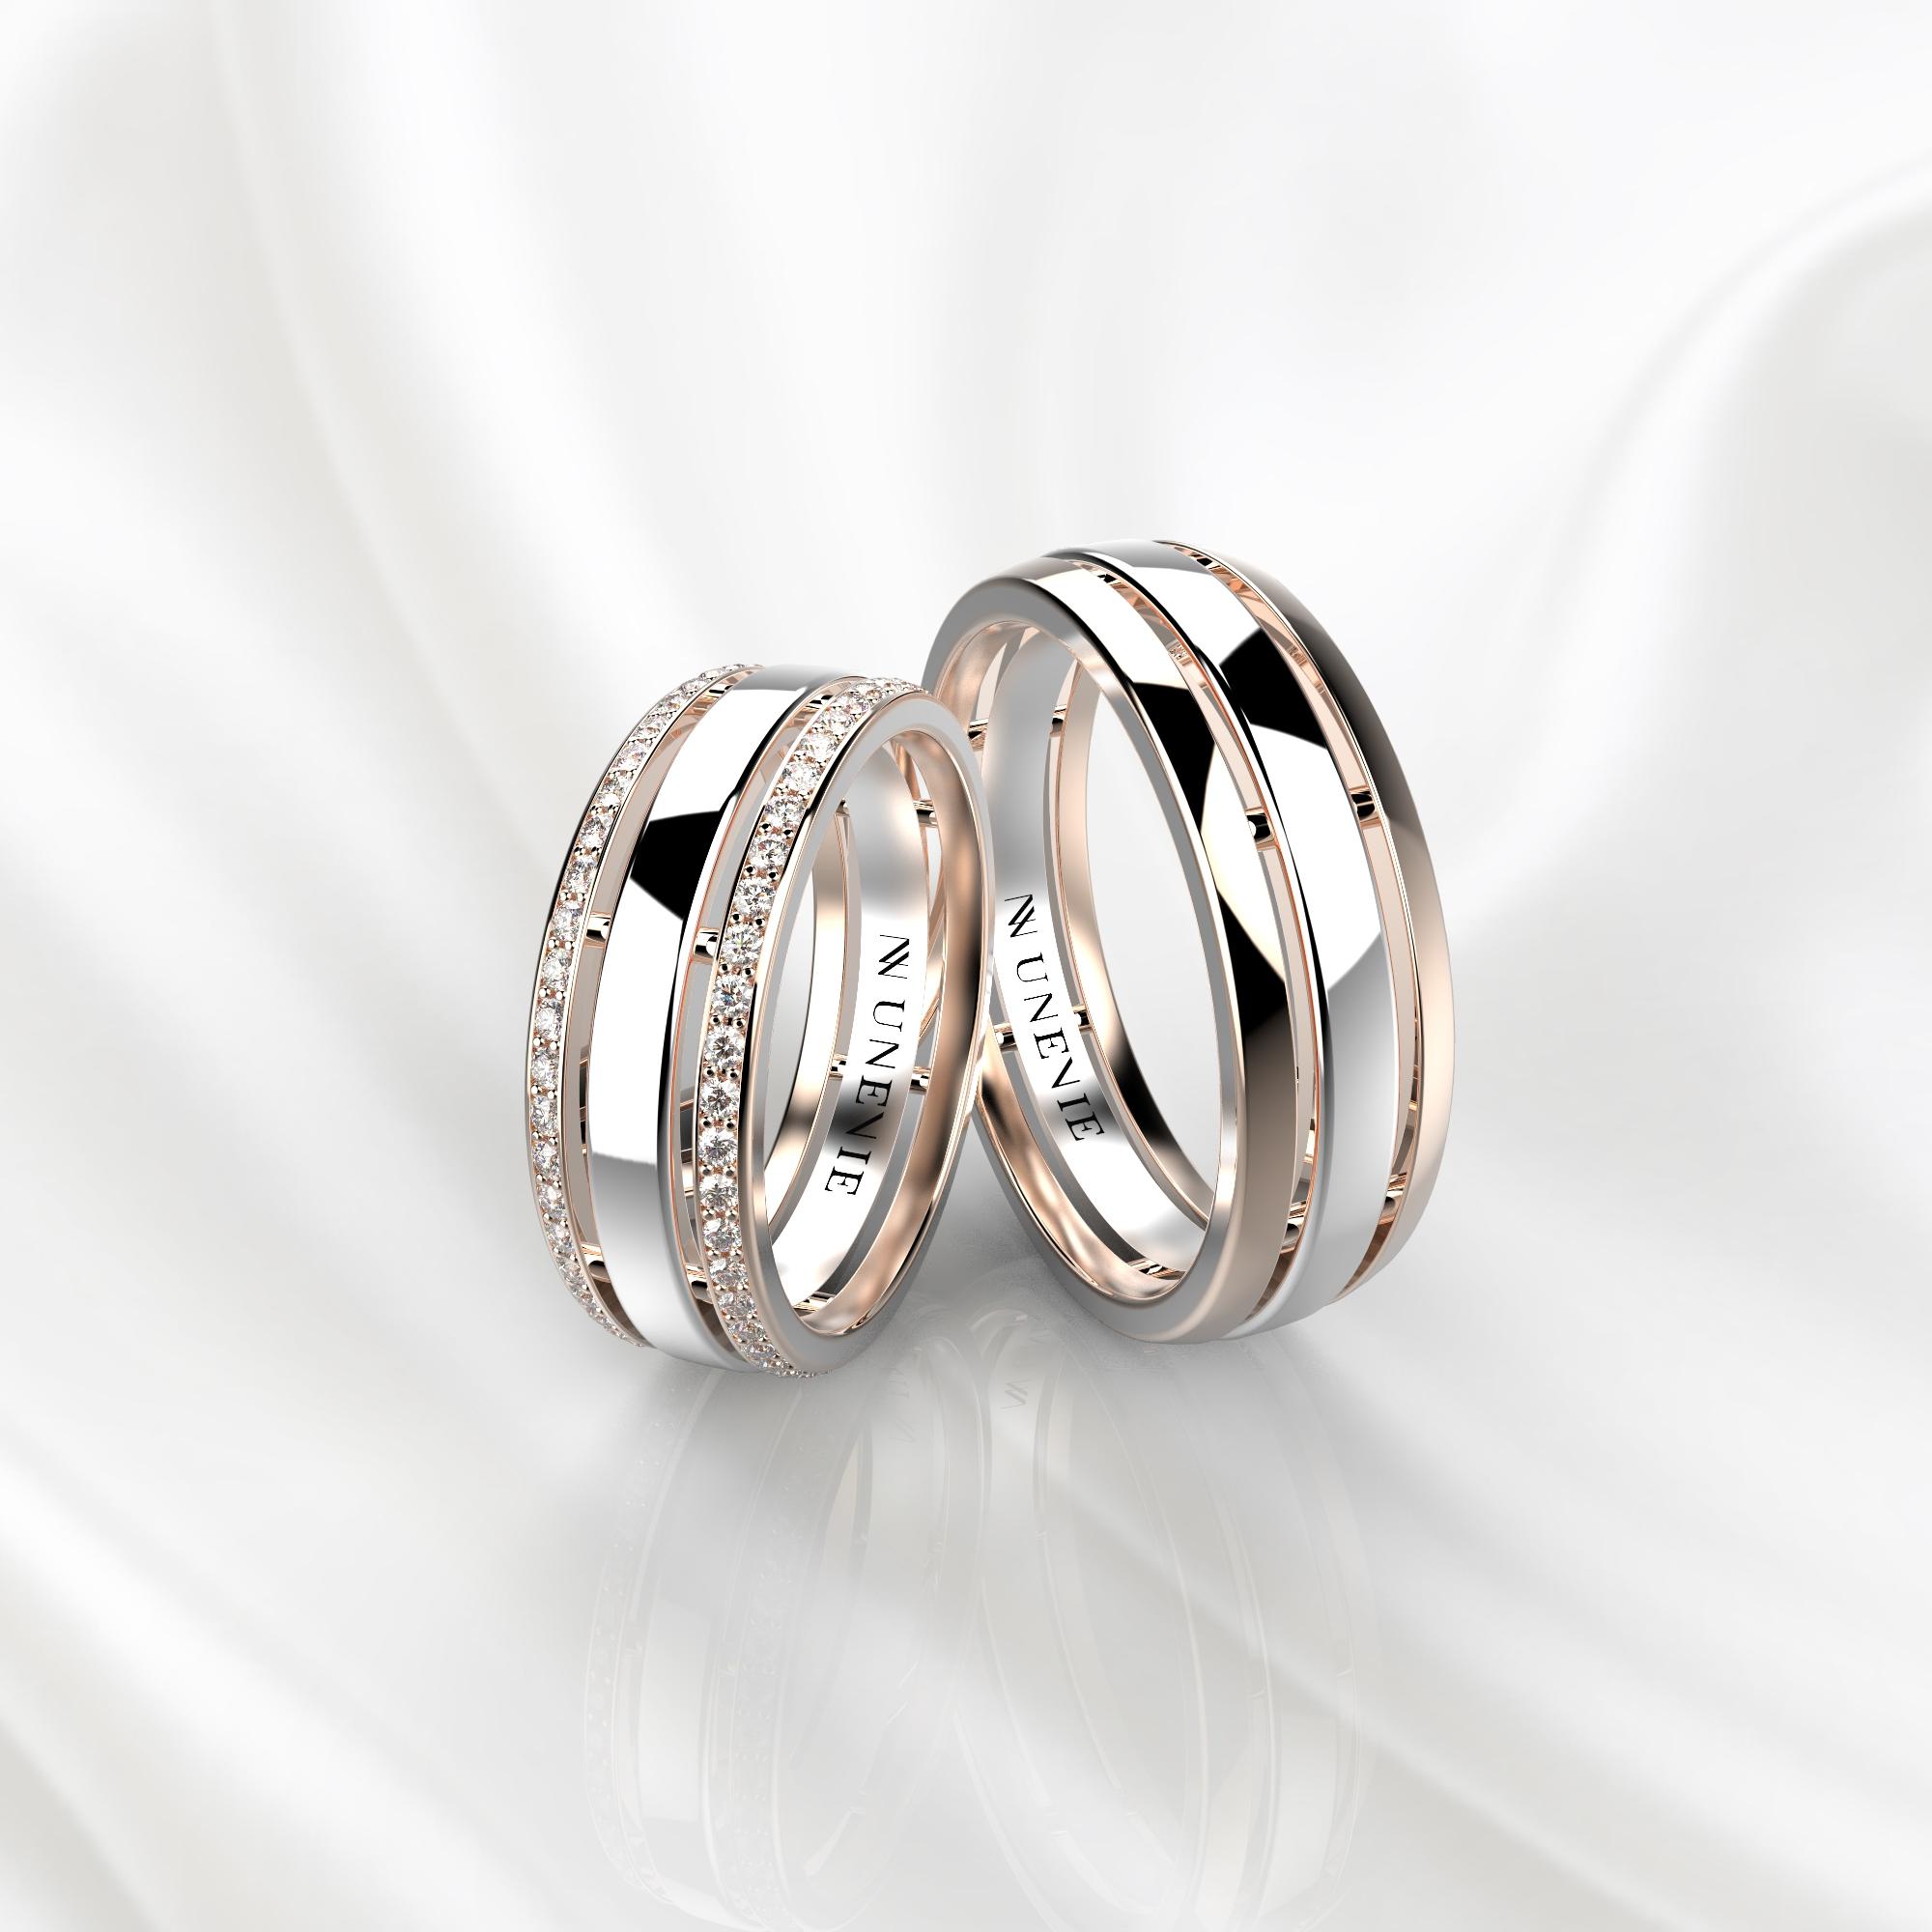 NV52 Парные обручальные кольца из розово-белого золота с бриллиантами